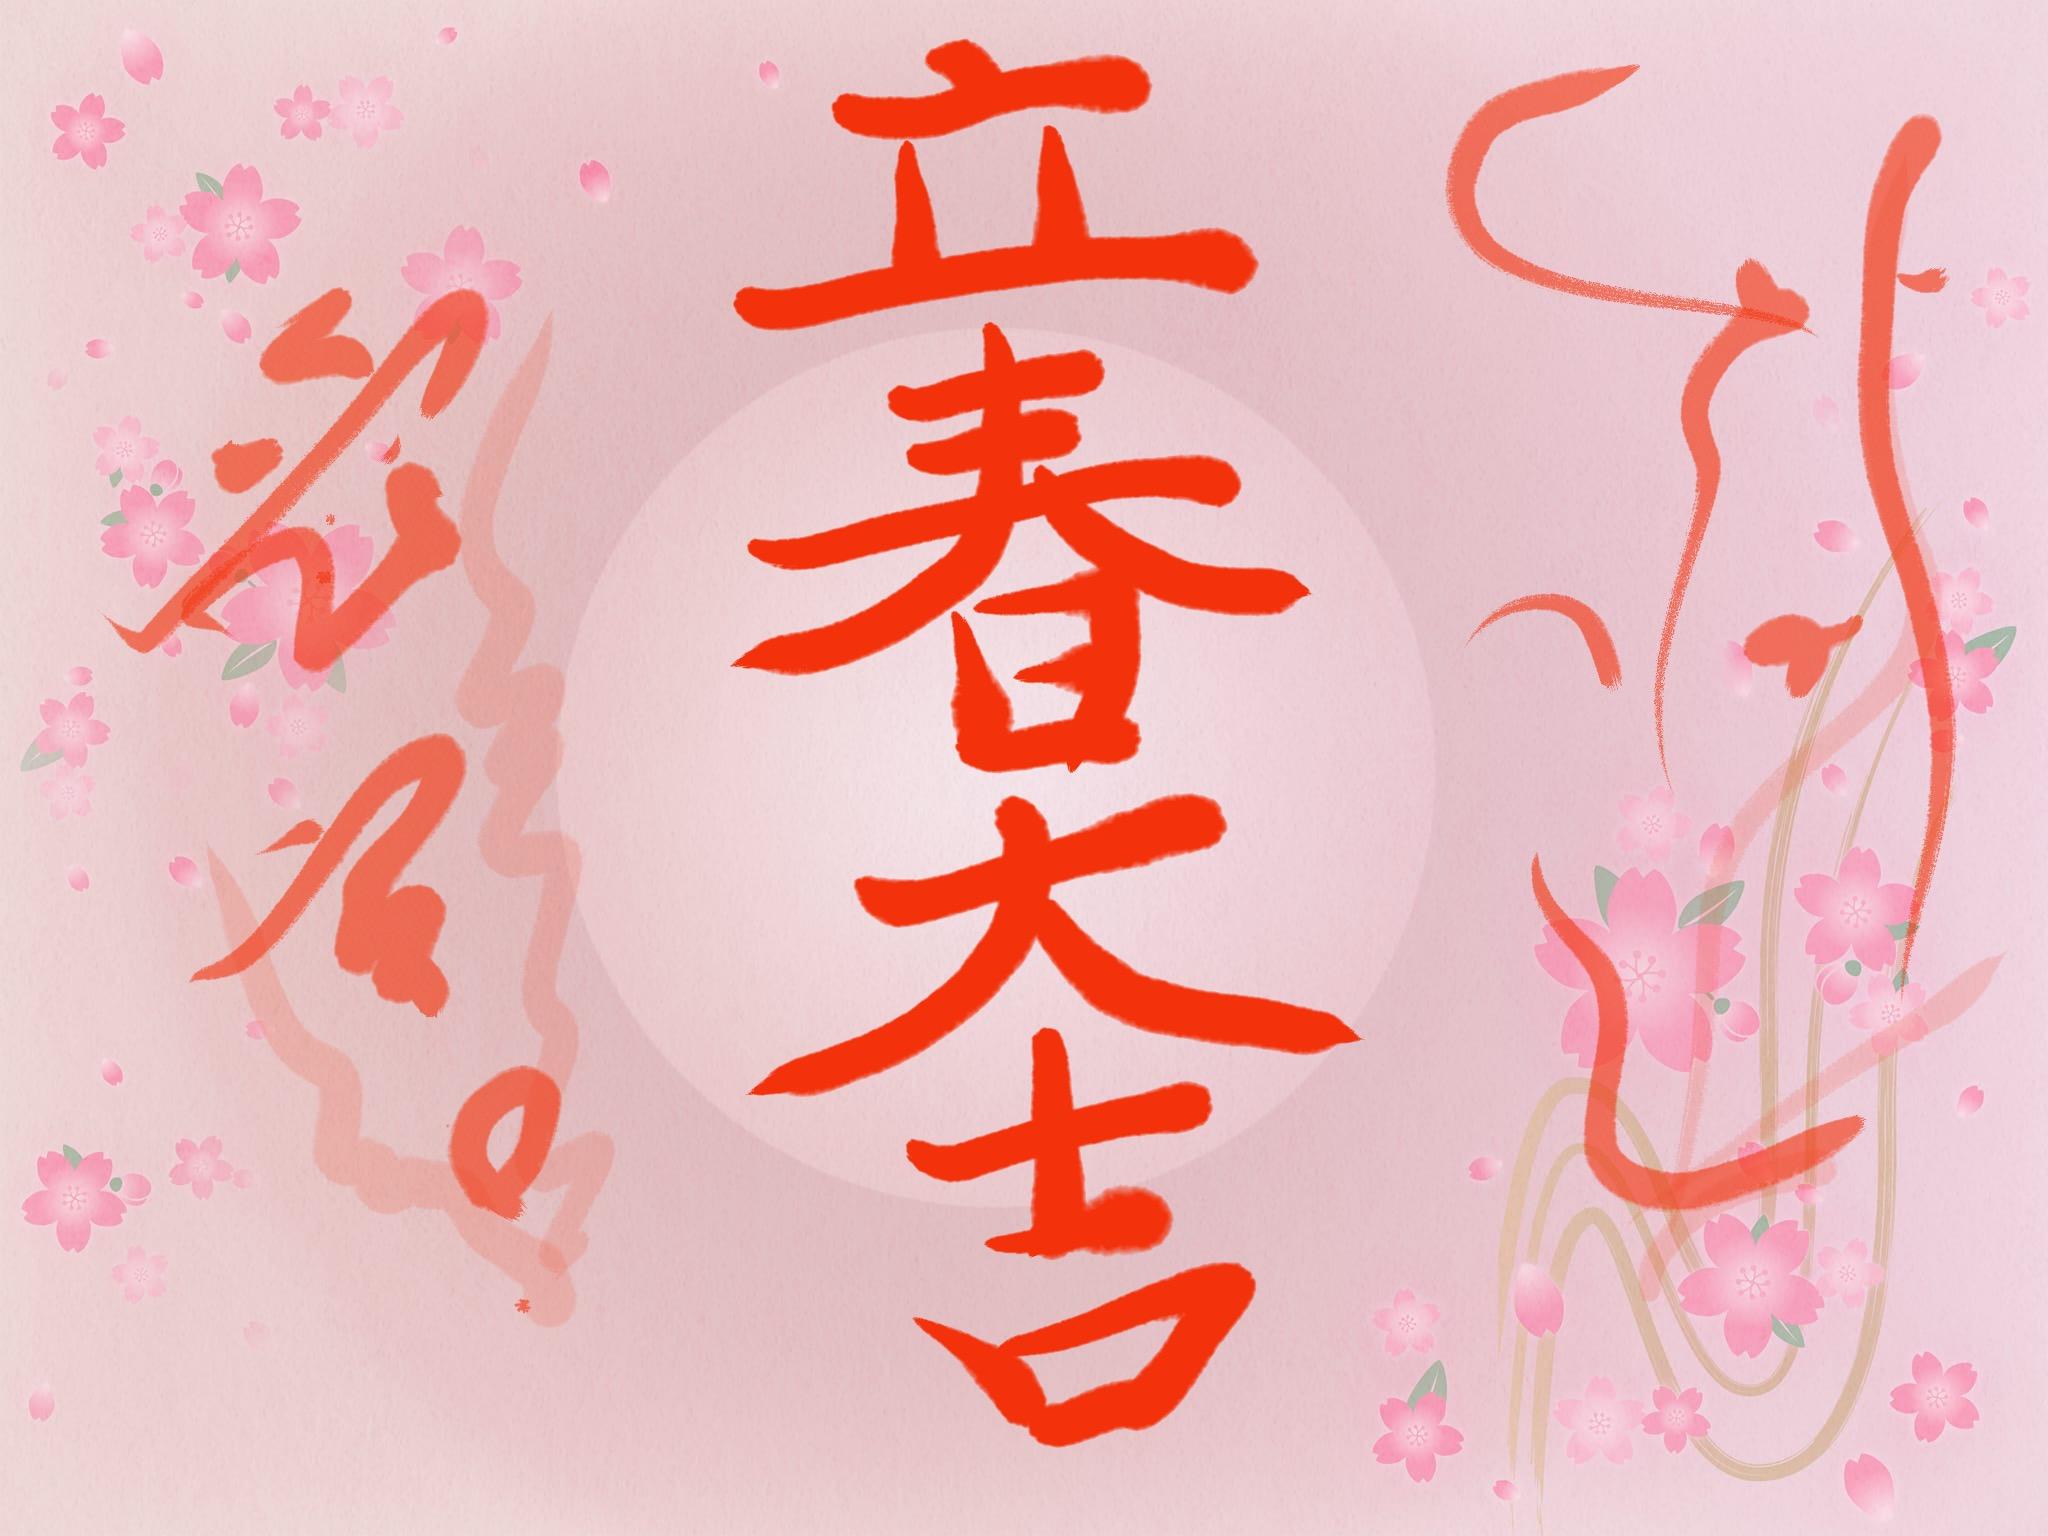 立春☆マヤナーカルメッセージ